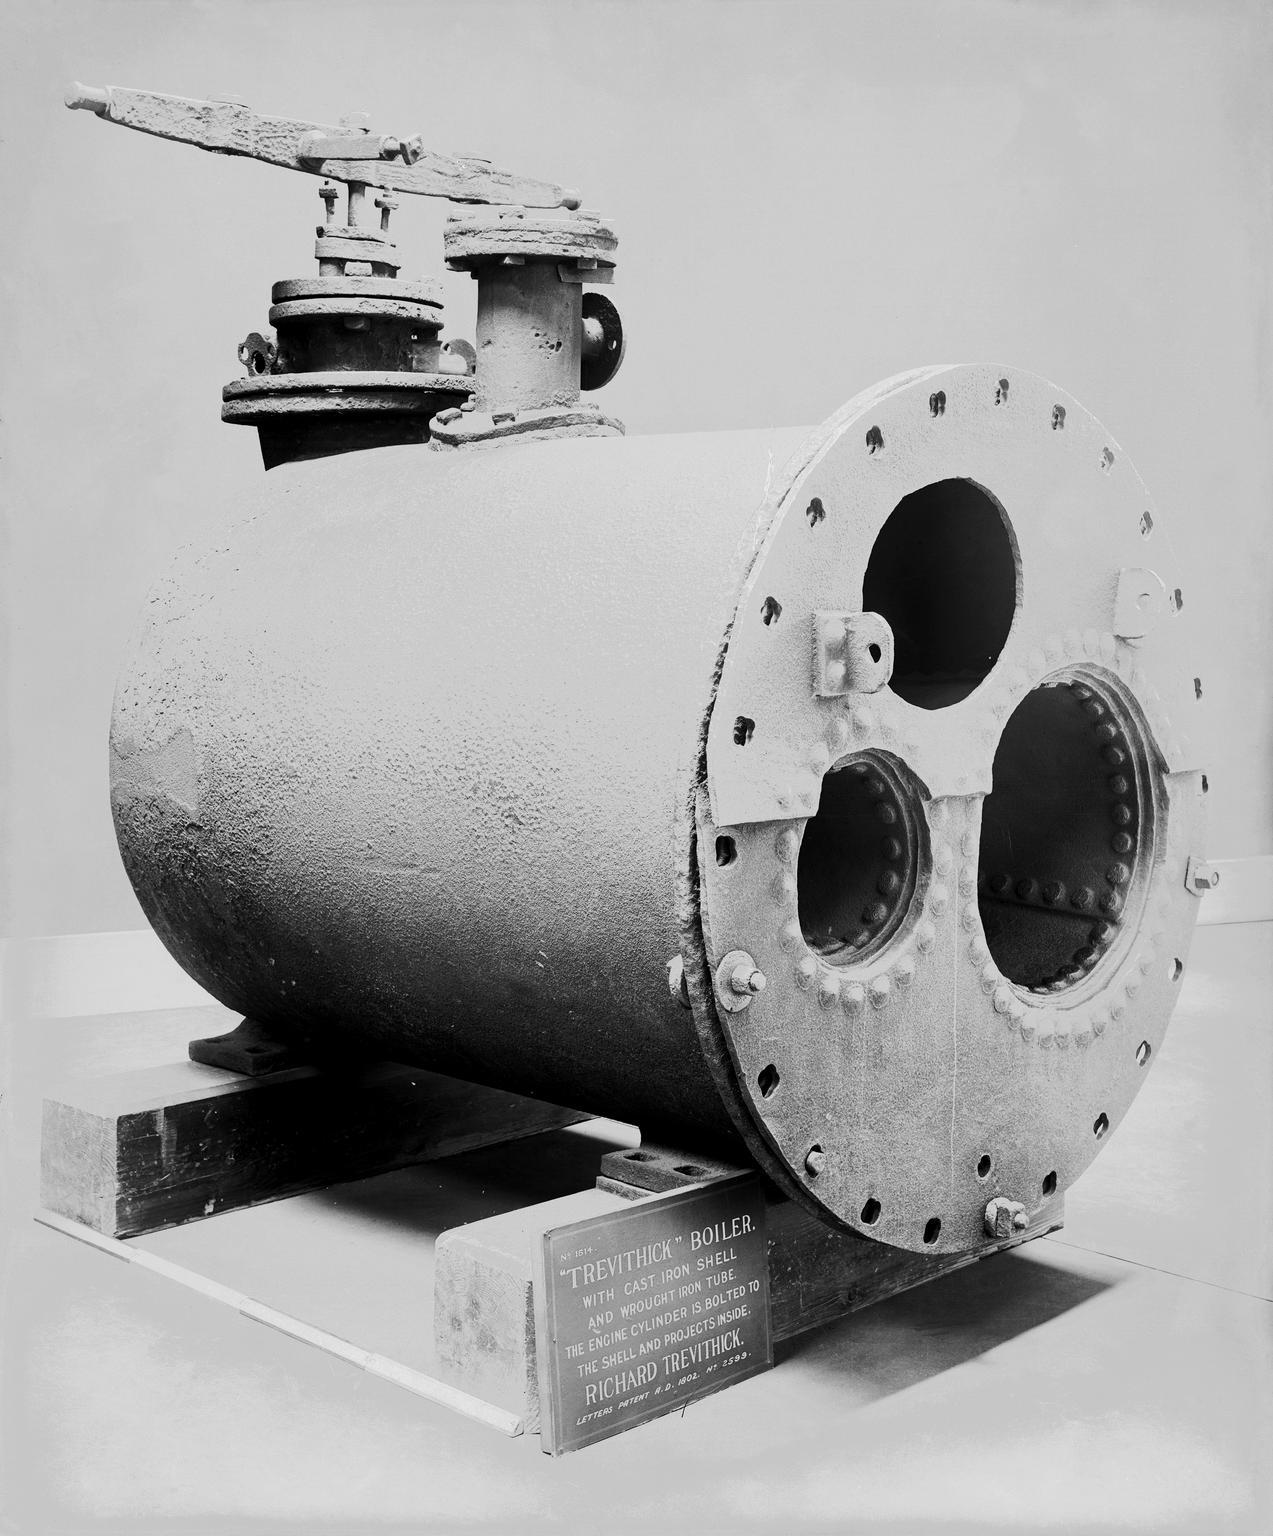 Trevithick boiler shell